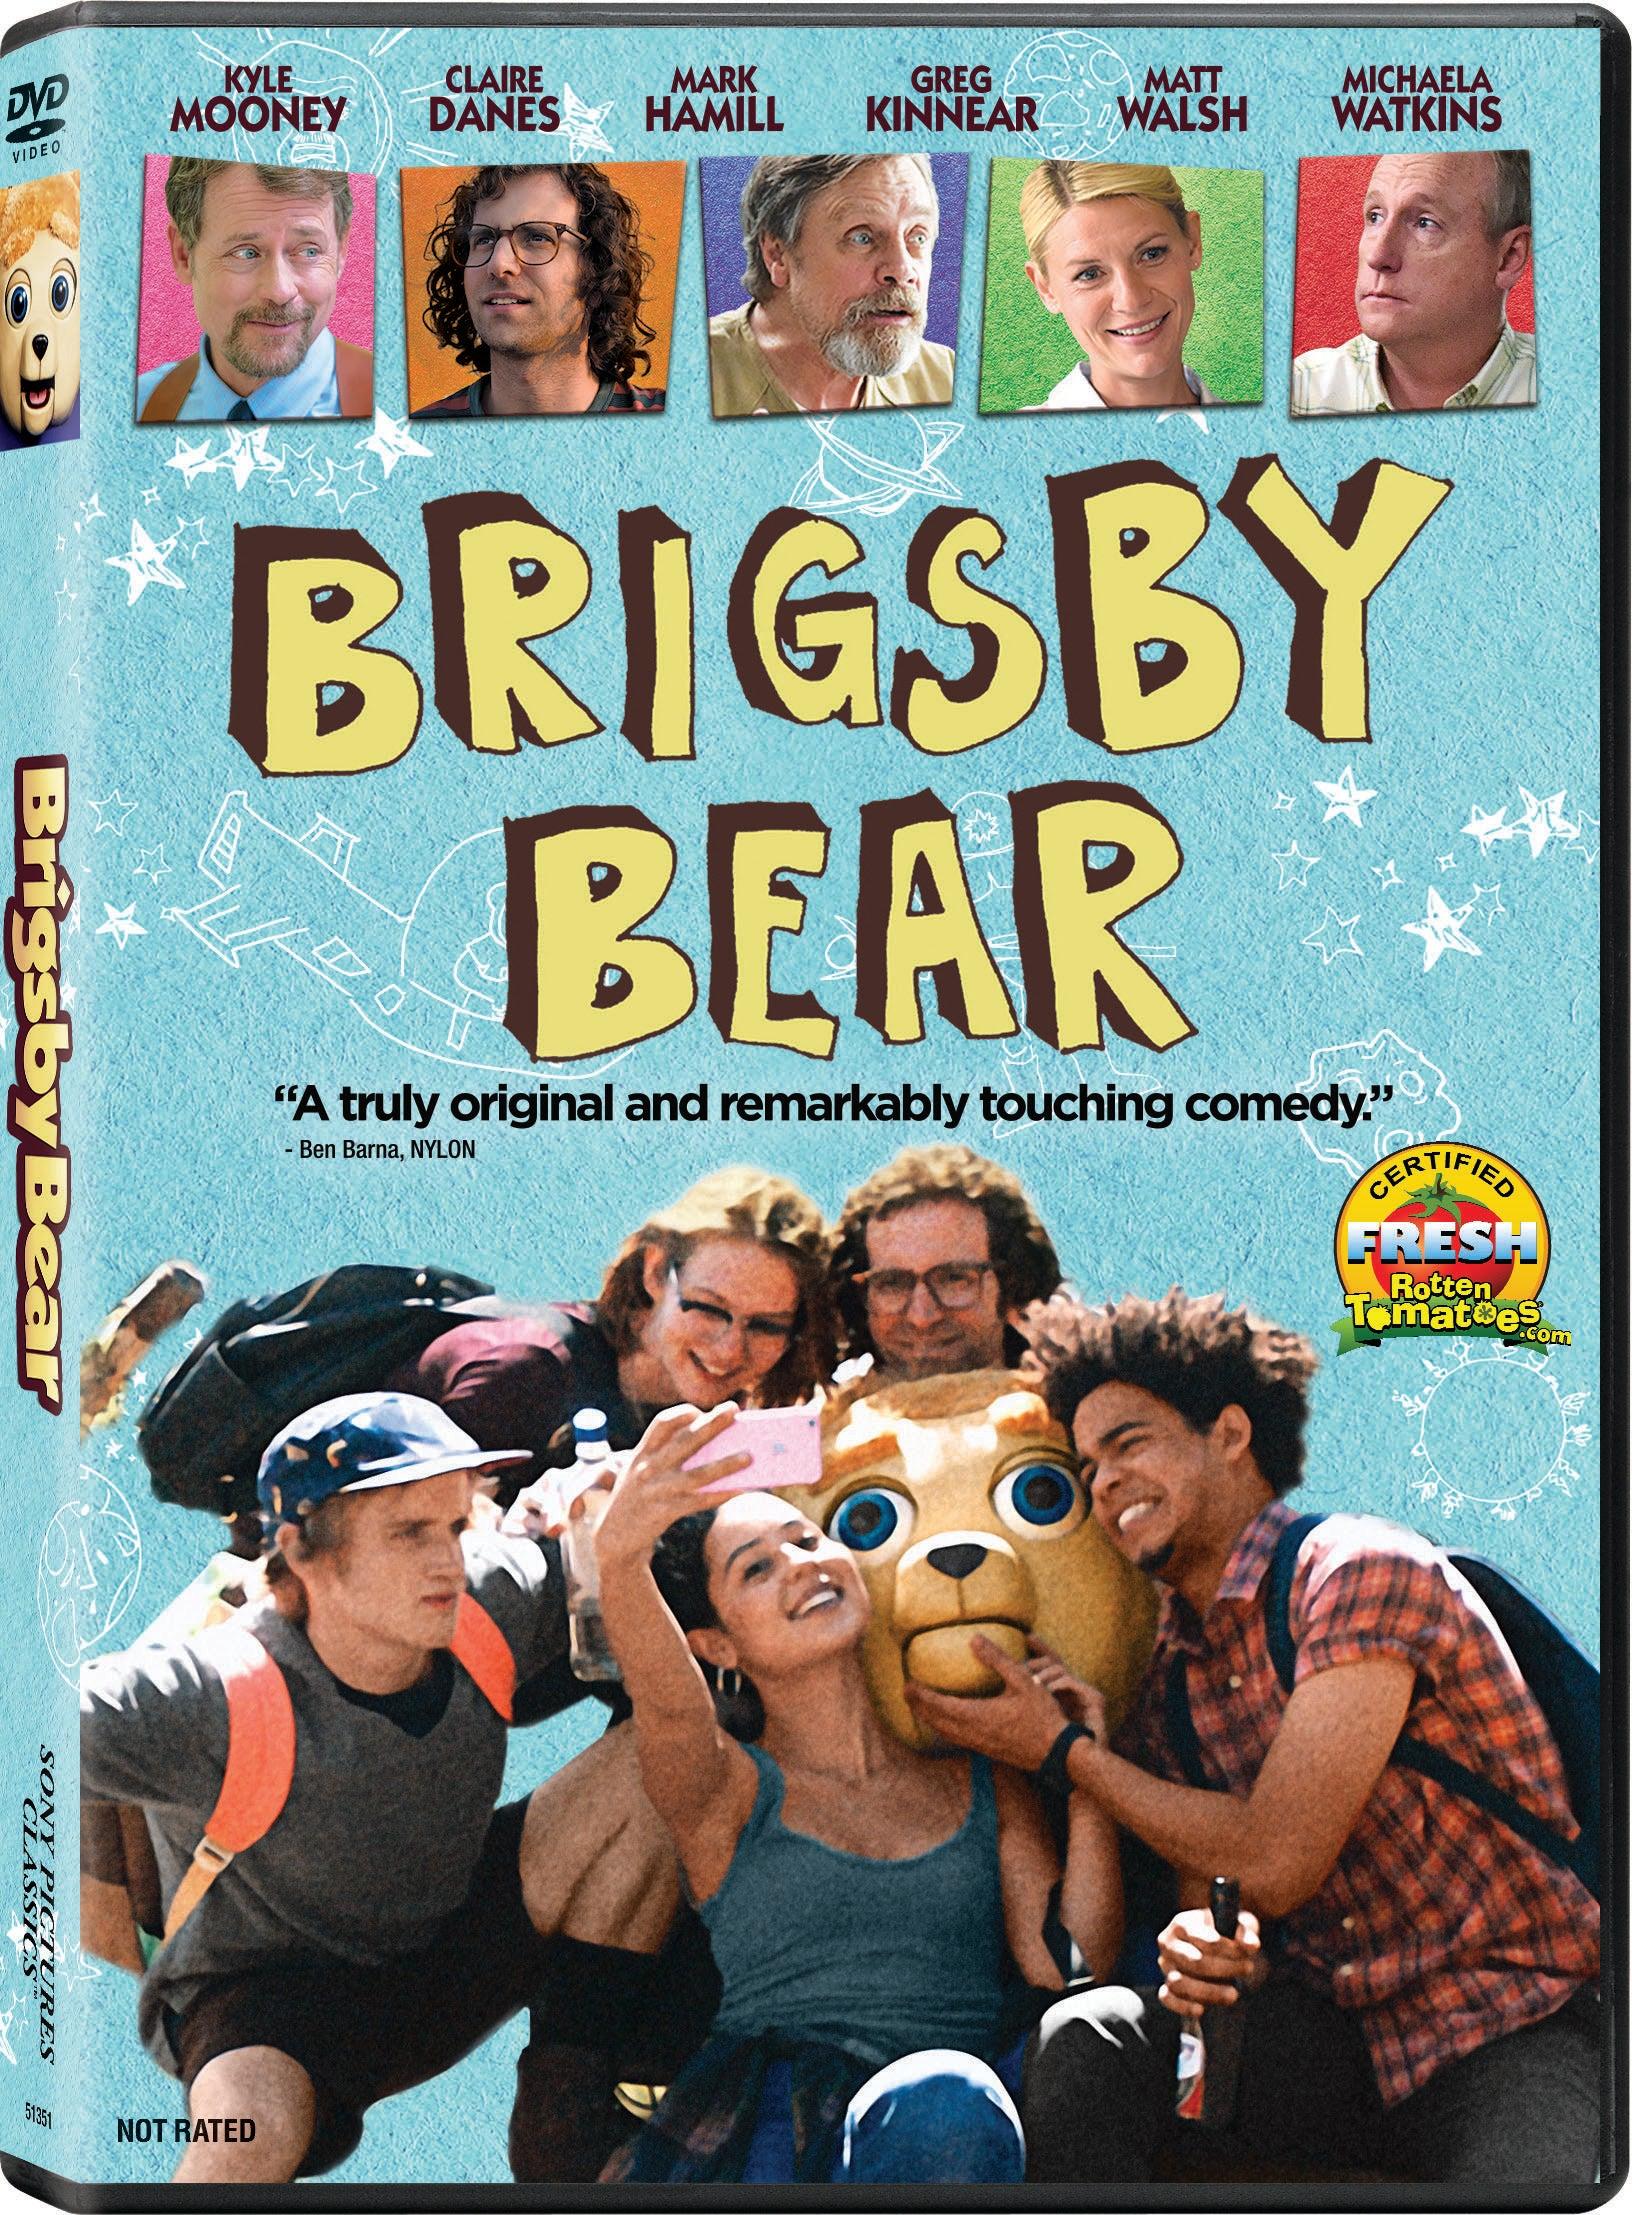 Brigsby Bear DVD Keyart